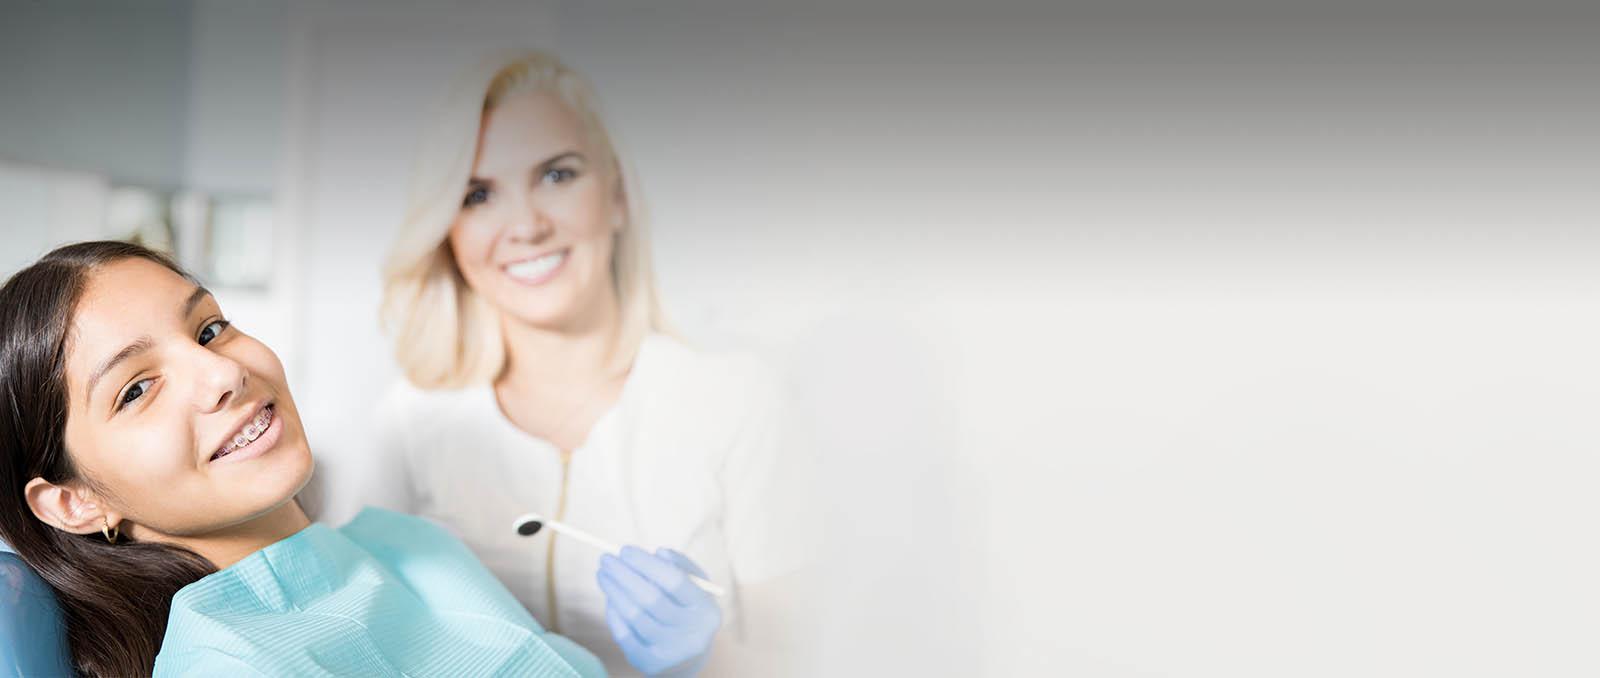 Zaawansowana próchnica i leczenie odtwórcze – aktualne rekomendacje